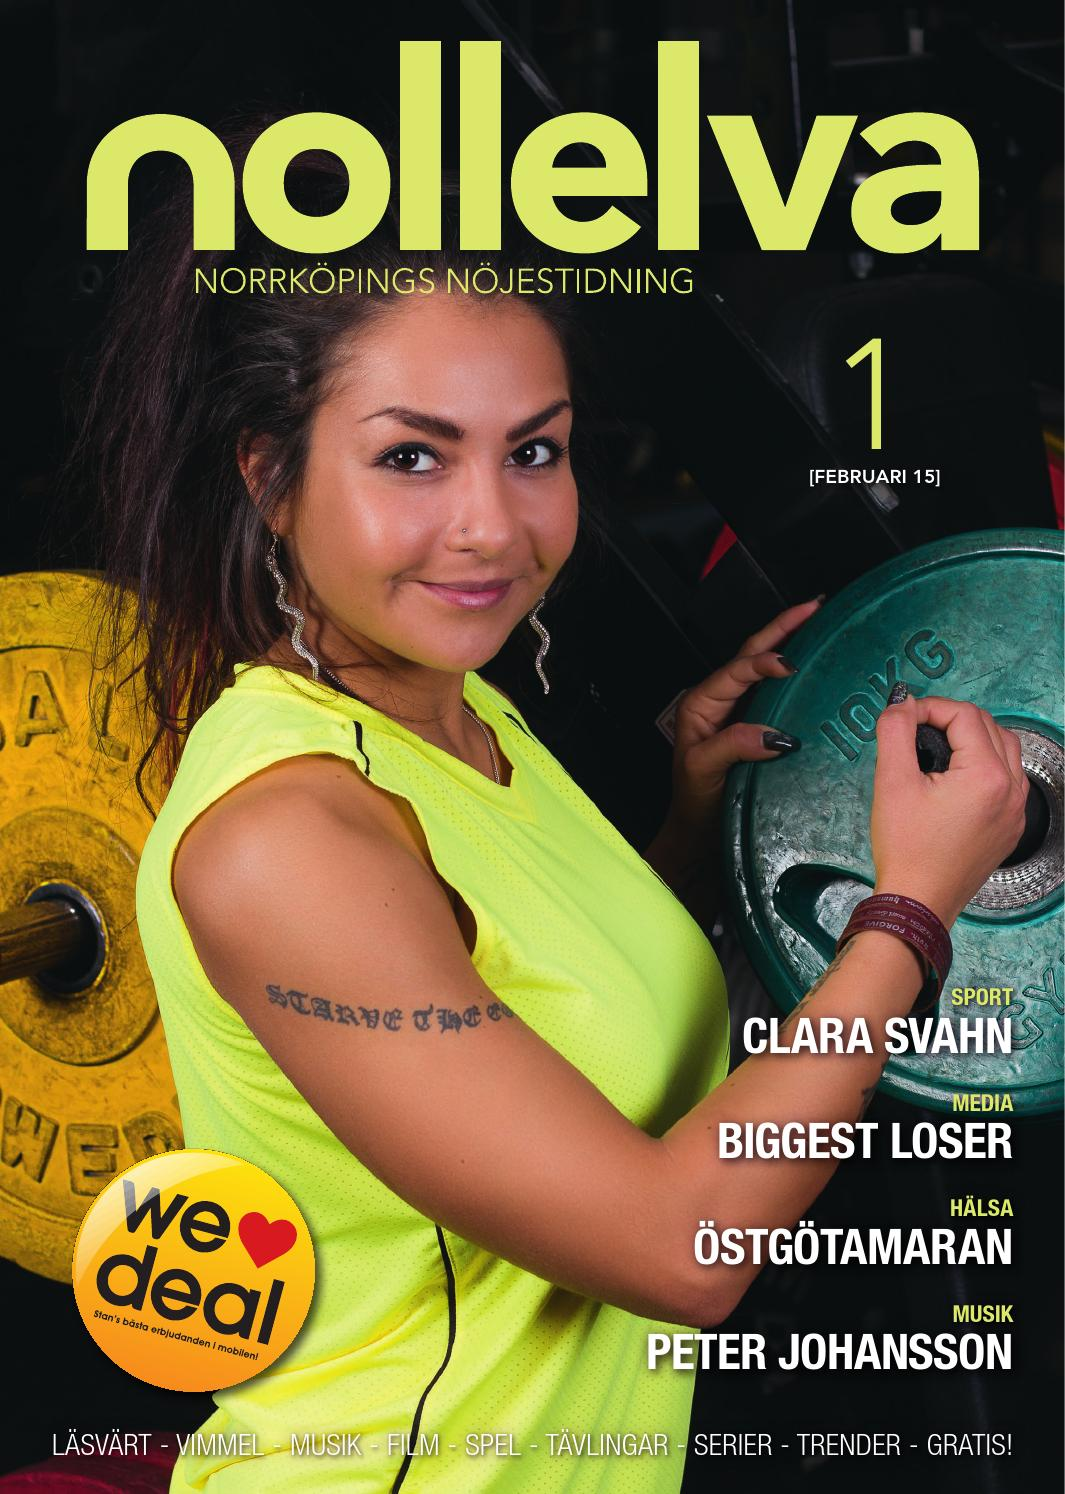 Hit&dit nr 2 2013 by 365 publishing   issuu